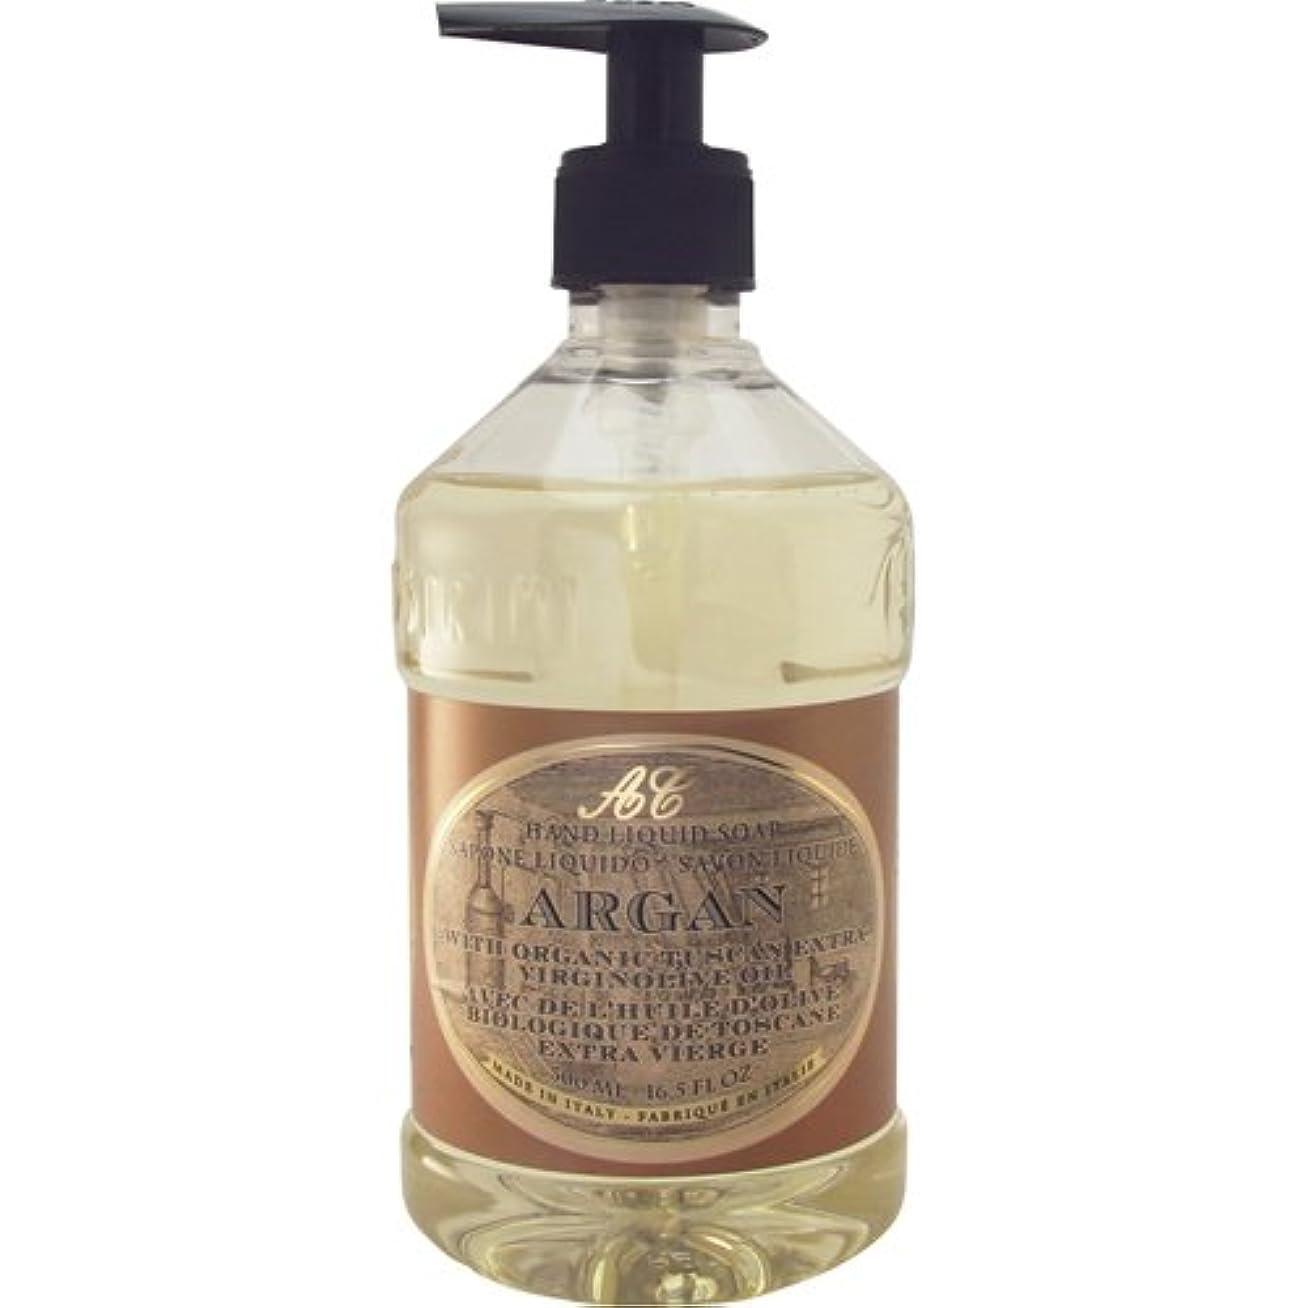 淡い支給納得させるSaponerire Fissi レトロシリーズ Liquid Soap リキッドソープ 500ml Argan アルガンオイル